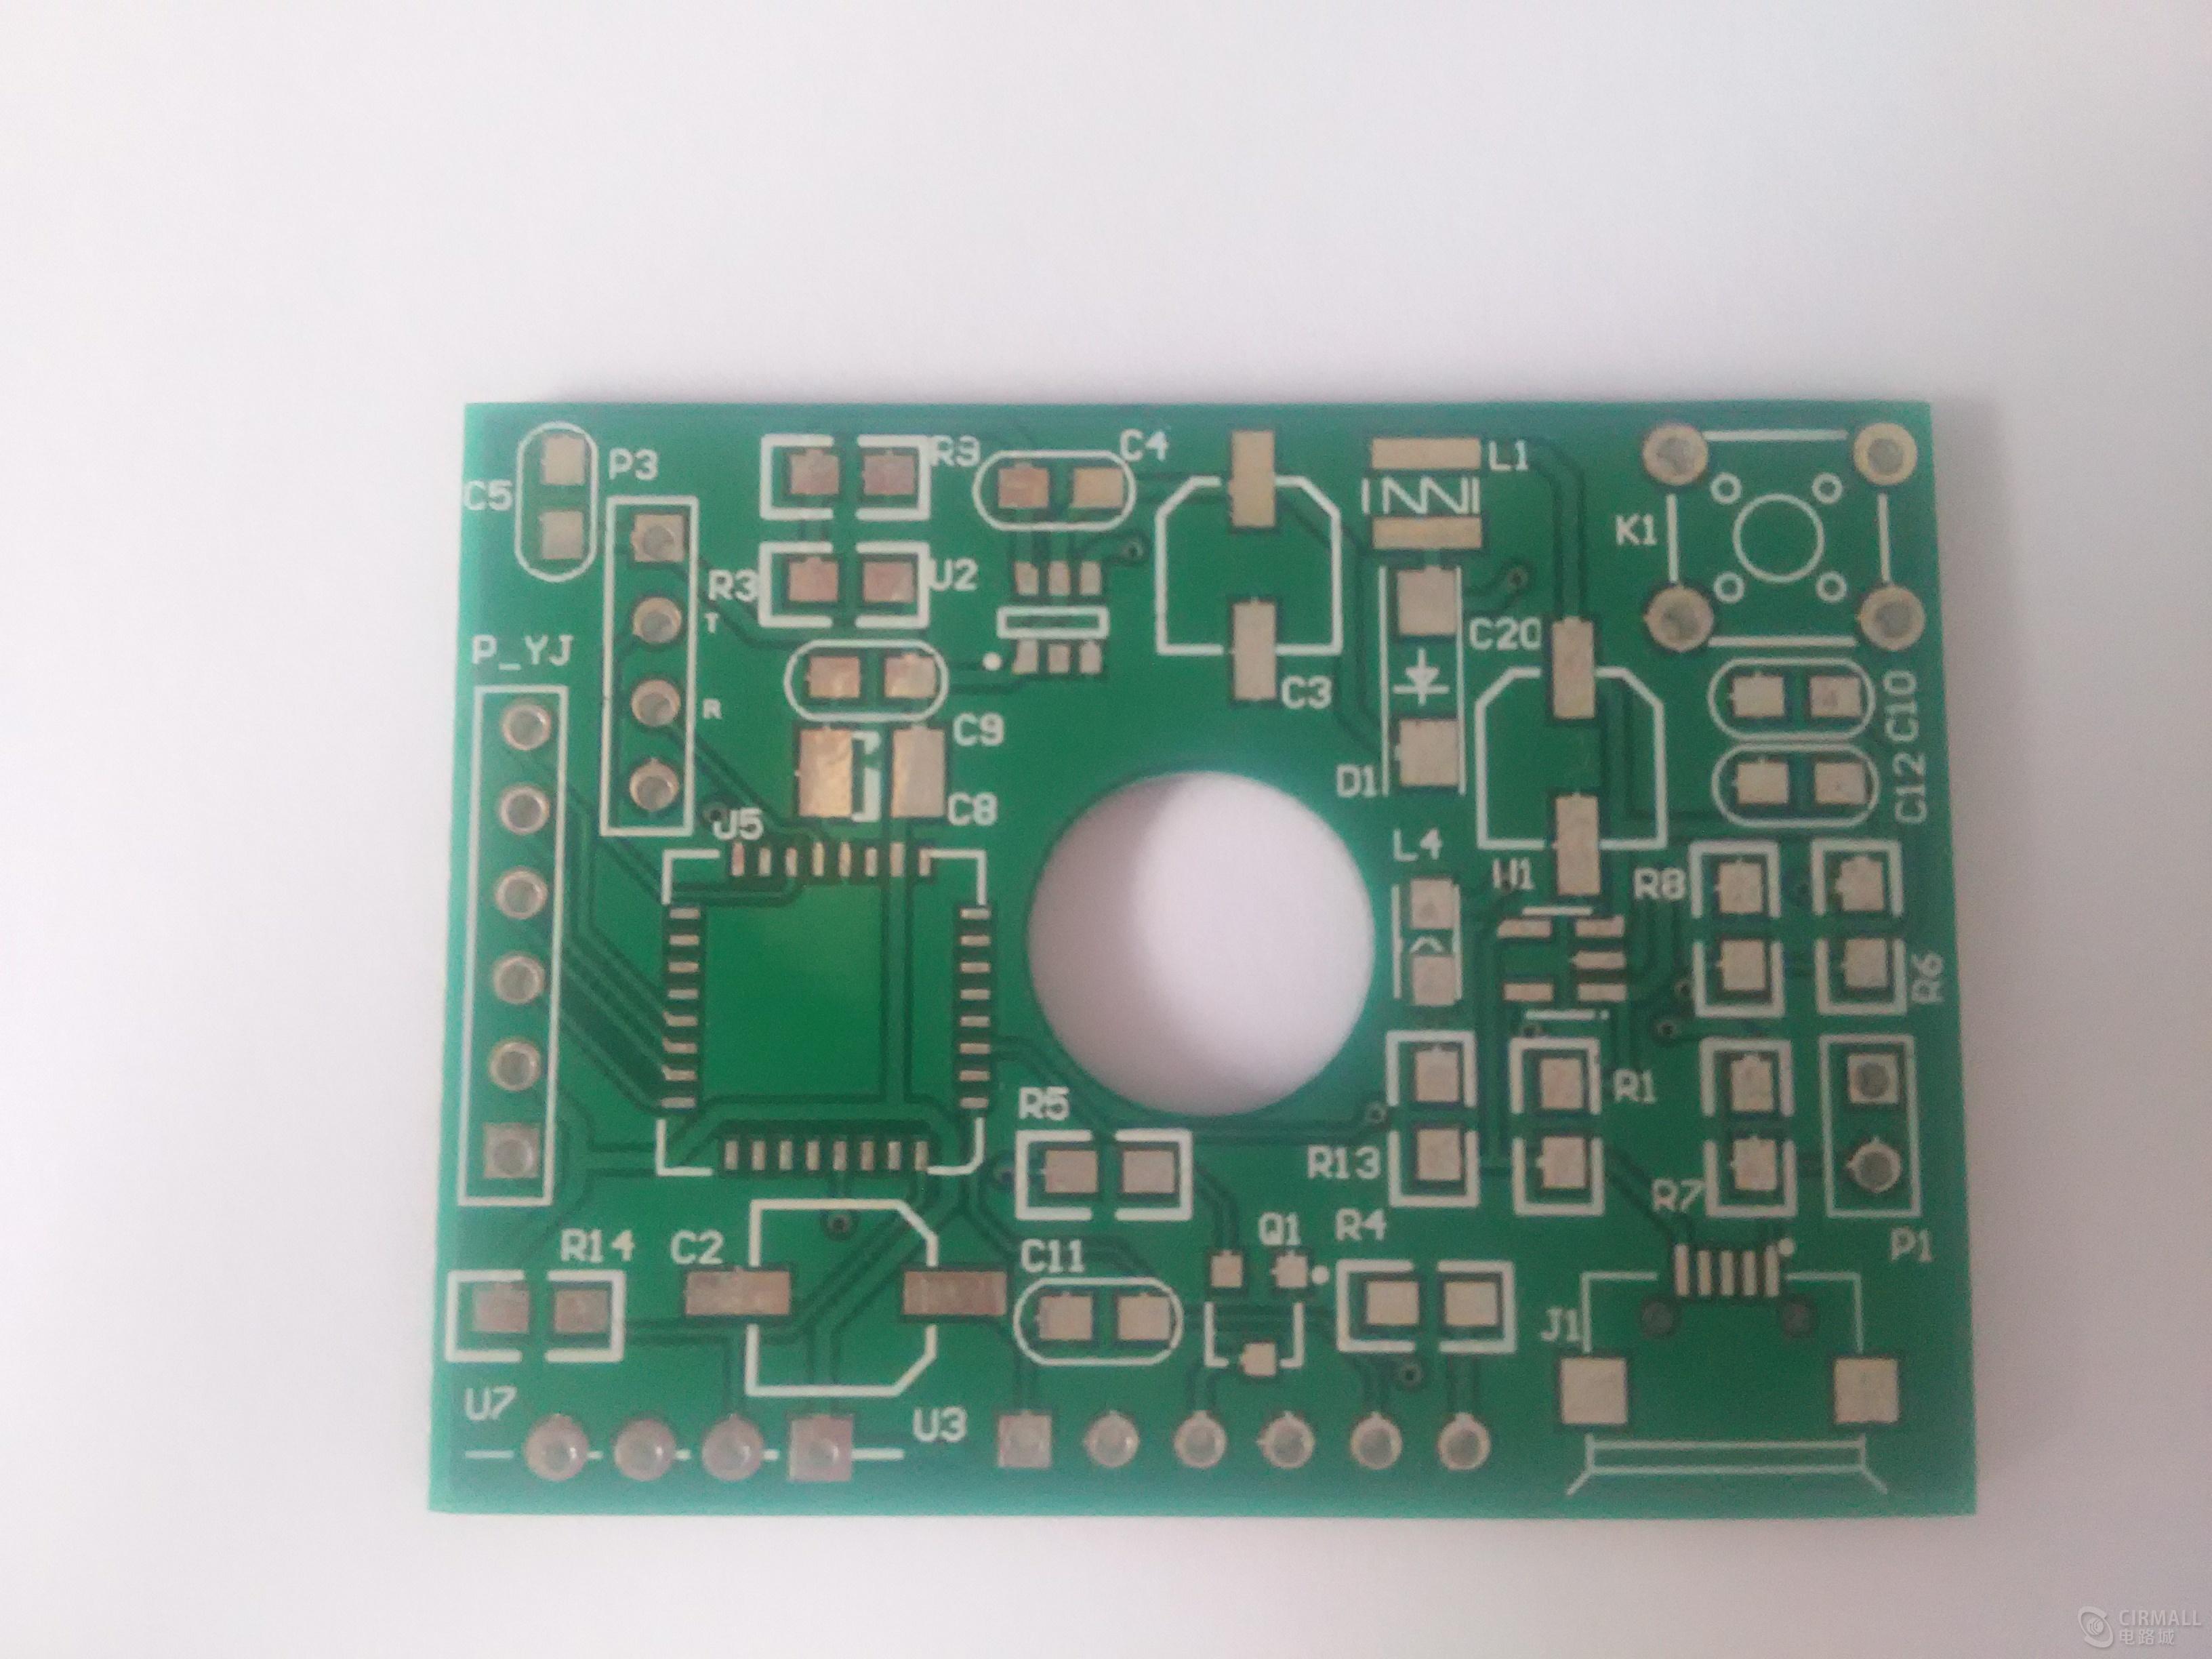 桔城qq提取器源代码_PM2.5温湿度检测仪原理图+PCB+源程序 OLED显示屏 - 空气质量和气体 ...